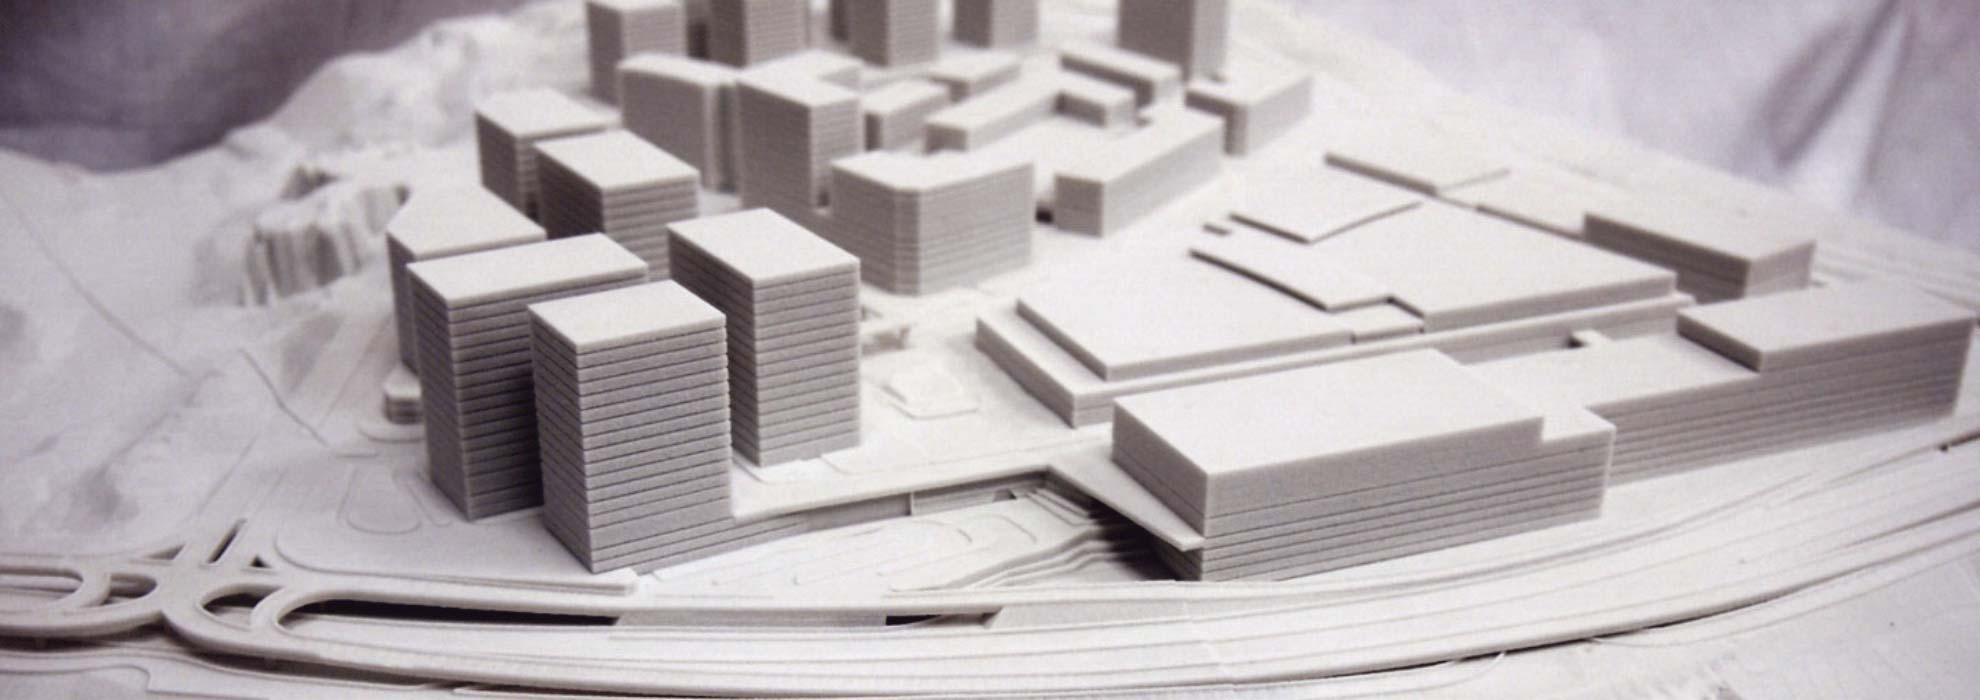 Архитектурный макет из полимеров